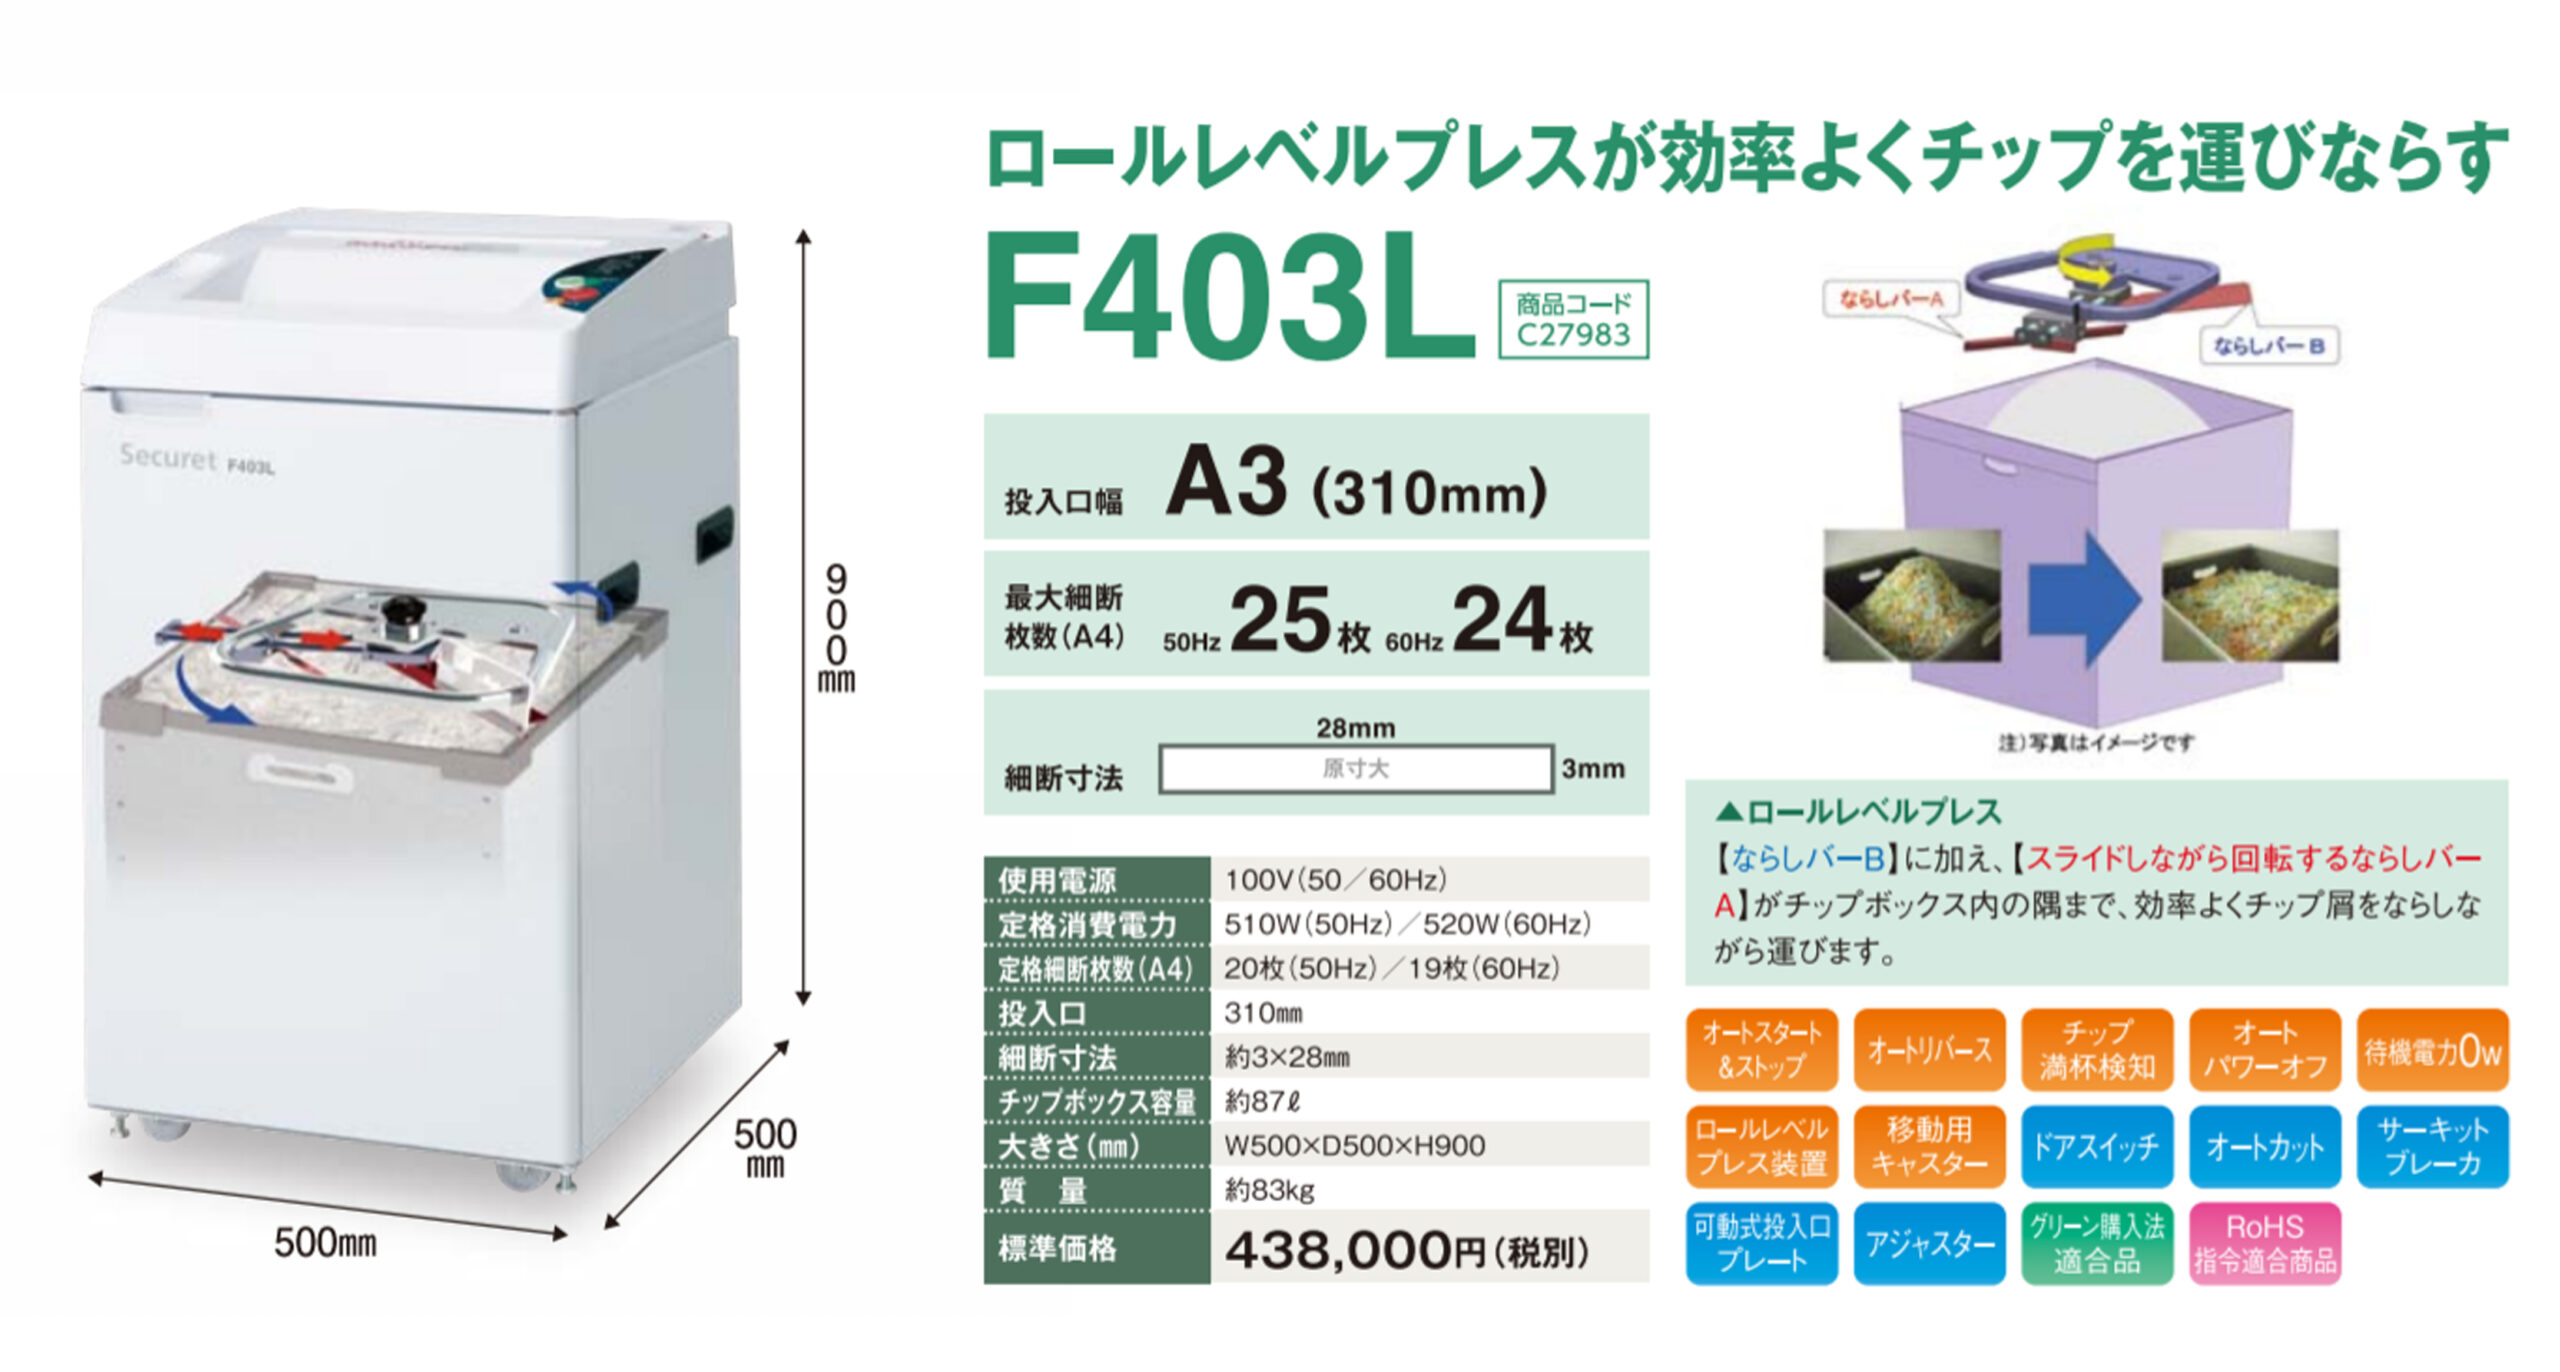 石澤製作所 セキュレットシュレッダF403L